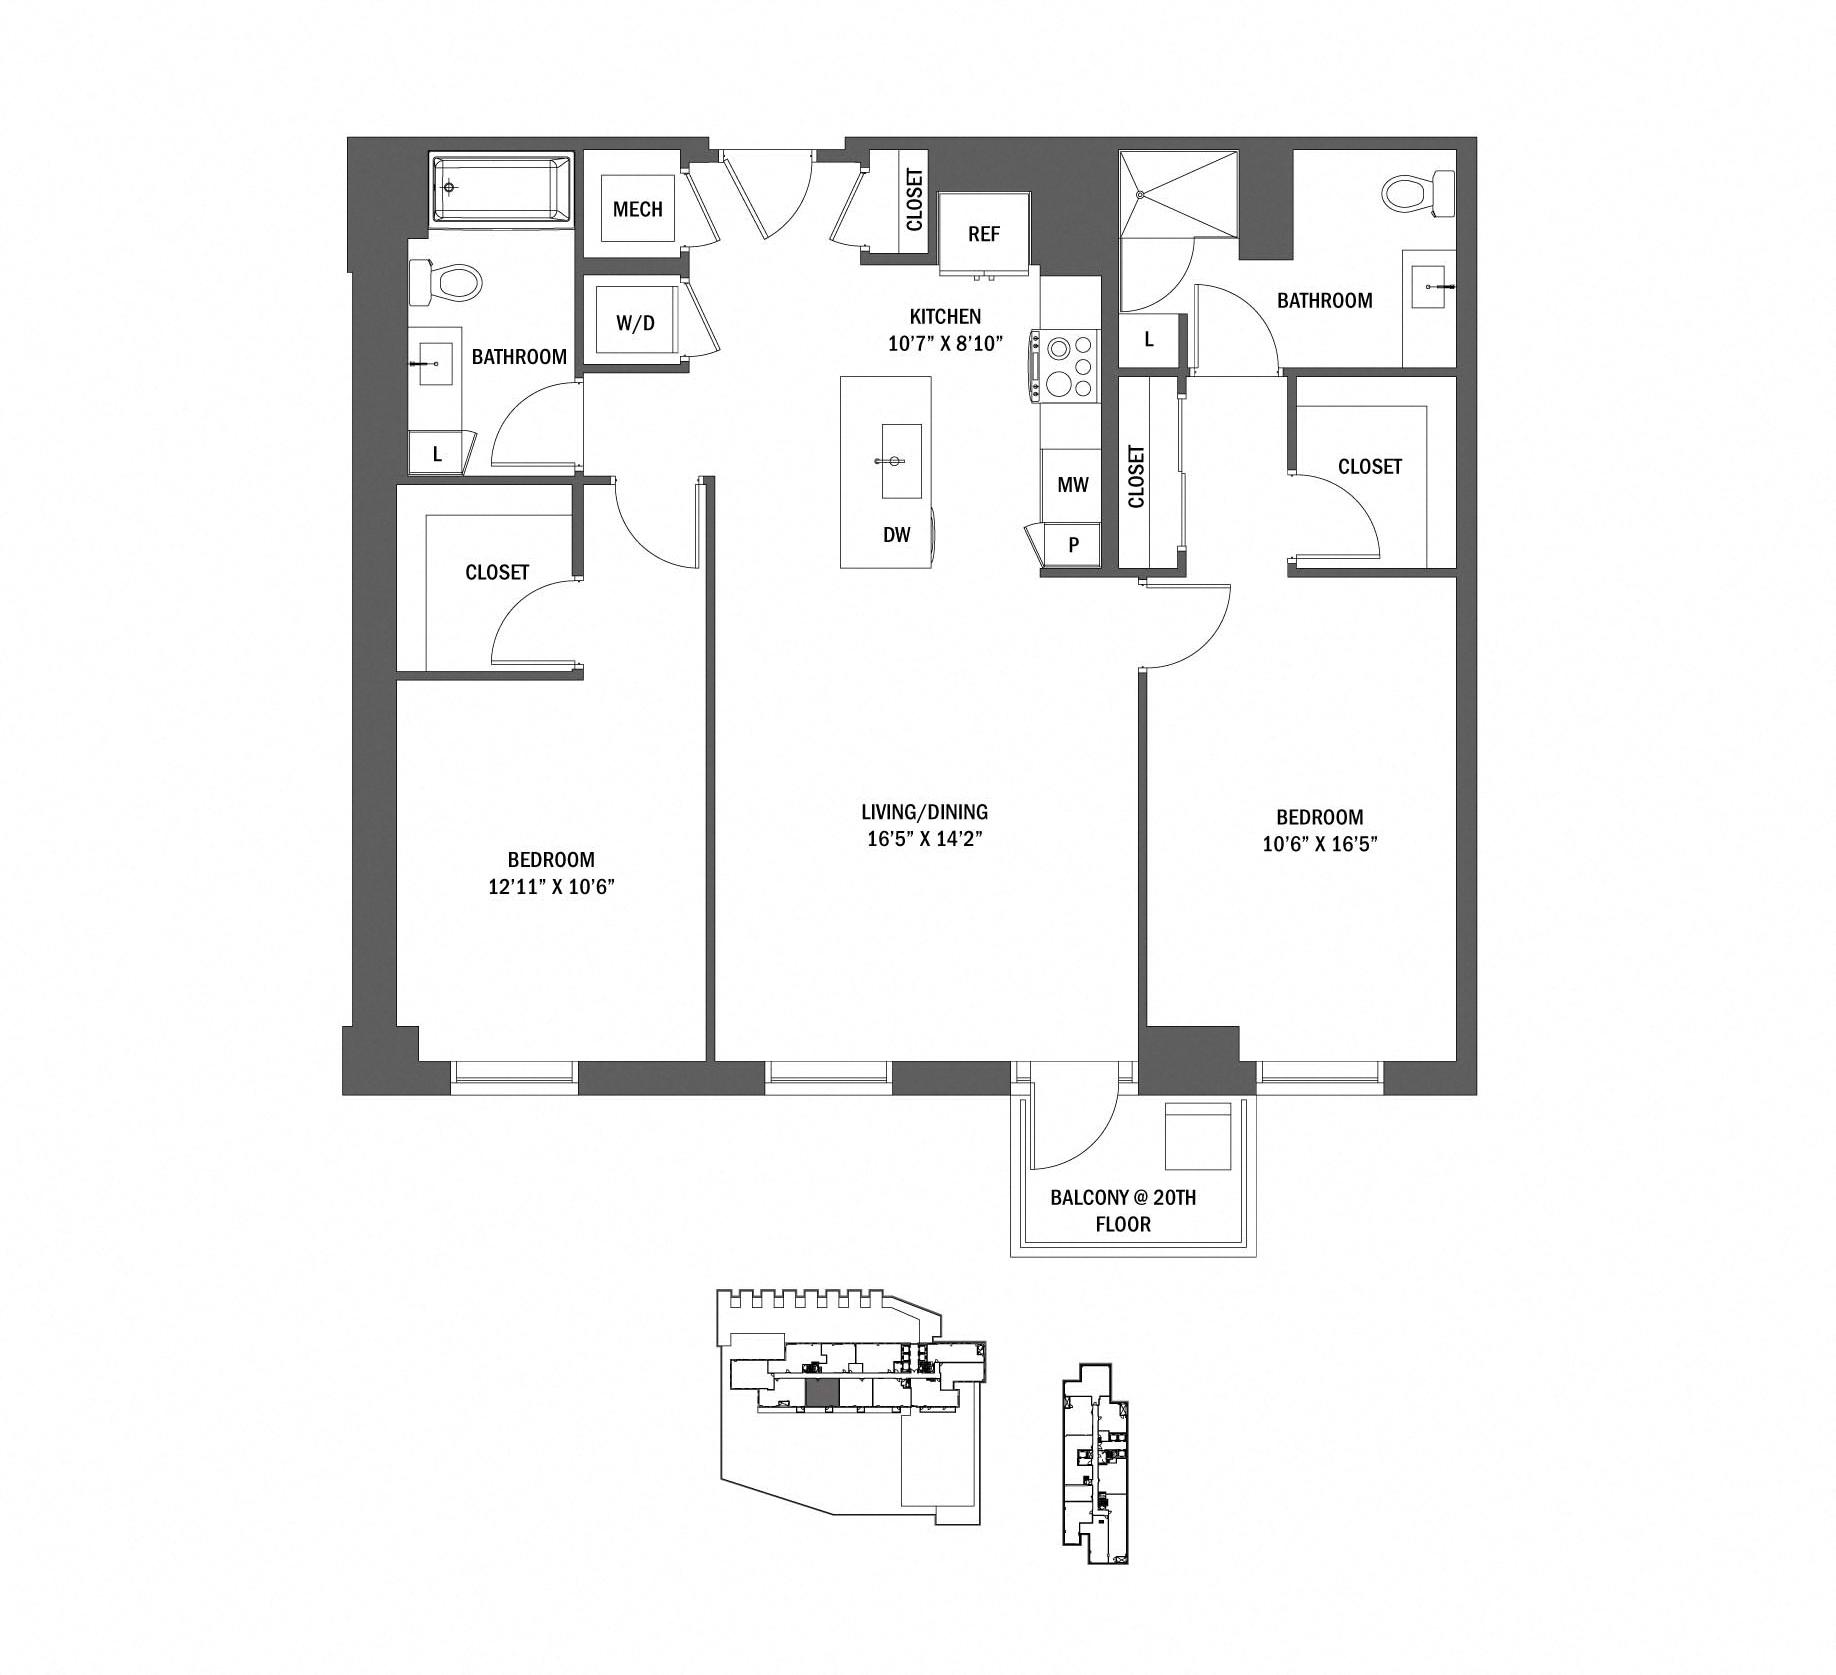 P0625338 w09 p 2 floorplan